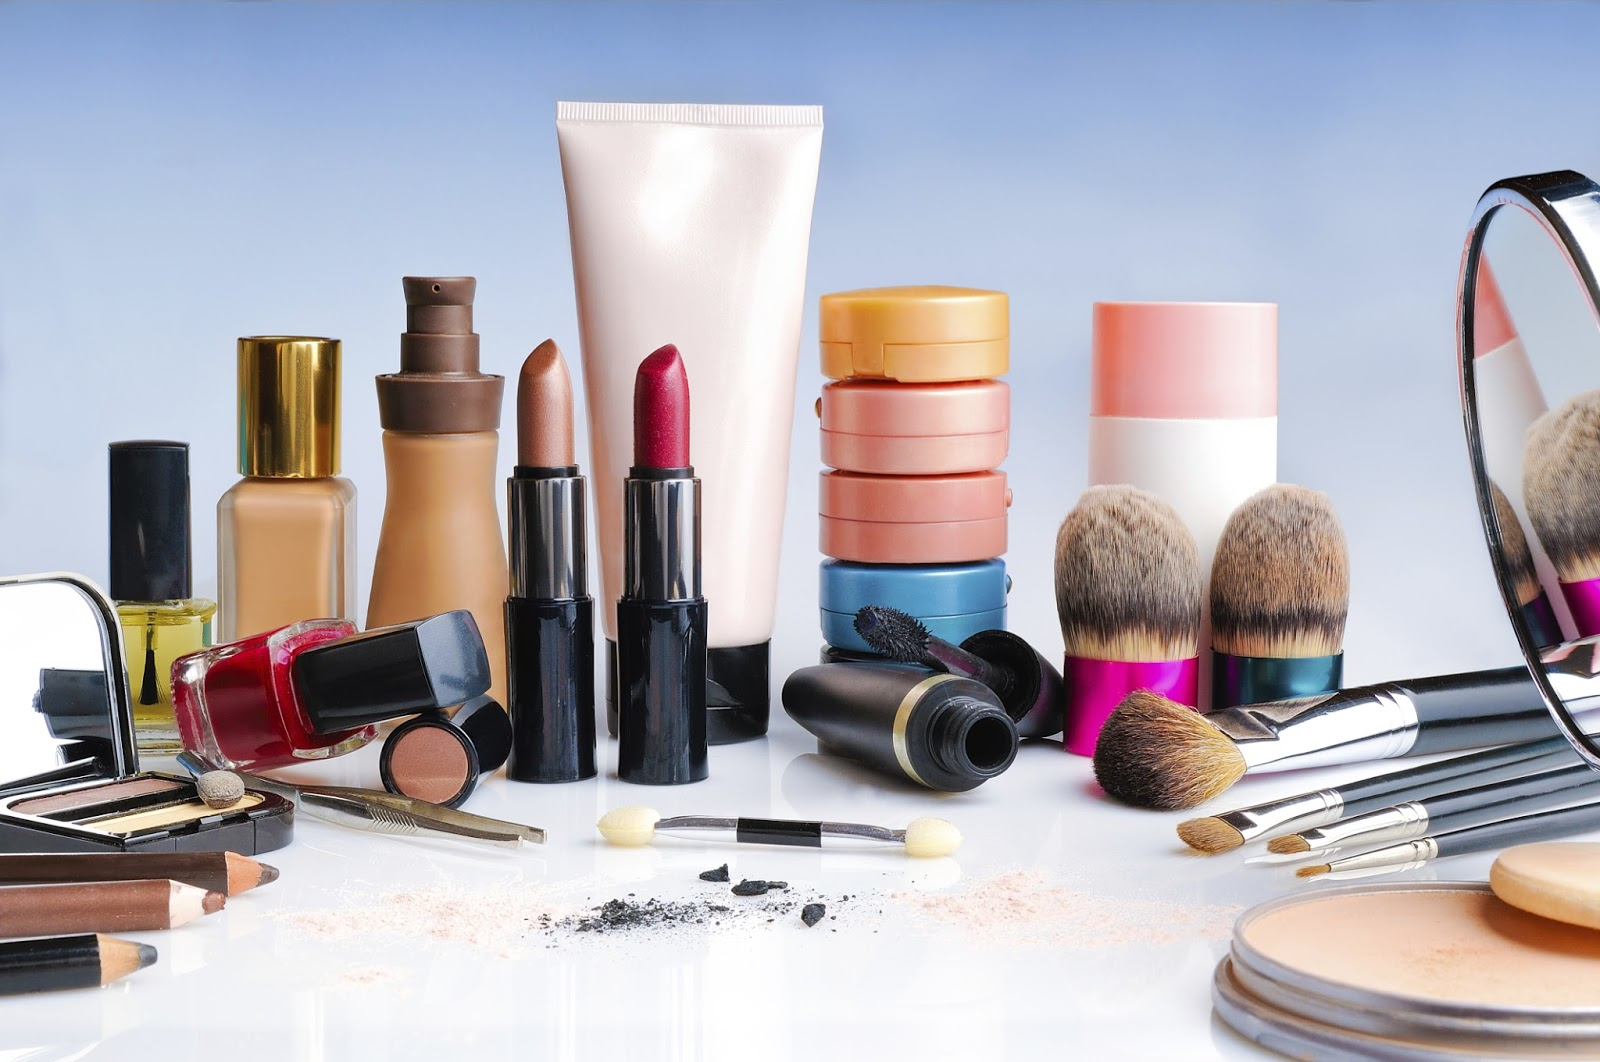 καλλυντικά, καλλυντικά για παιδιά, καλλυντικά la vie en rose, καλλυντικά skroutz, καλλυντικά εκπτώσεισ, καλλυντικά mac, καλλυντικά για κορίτσια, καλλυντικά wabi, καλλυντικά online προσφορεσ, καλλυντικά dust and cream, καλλυντικά online,